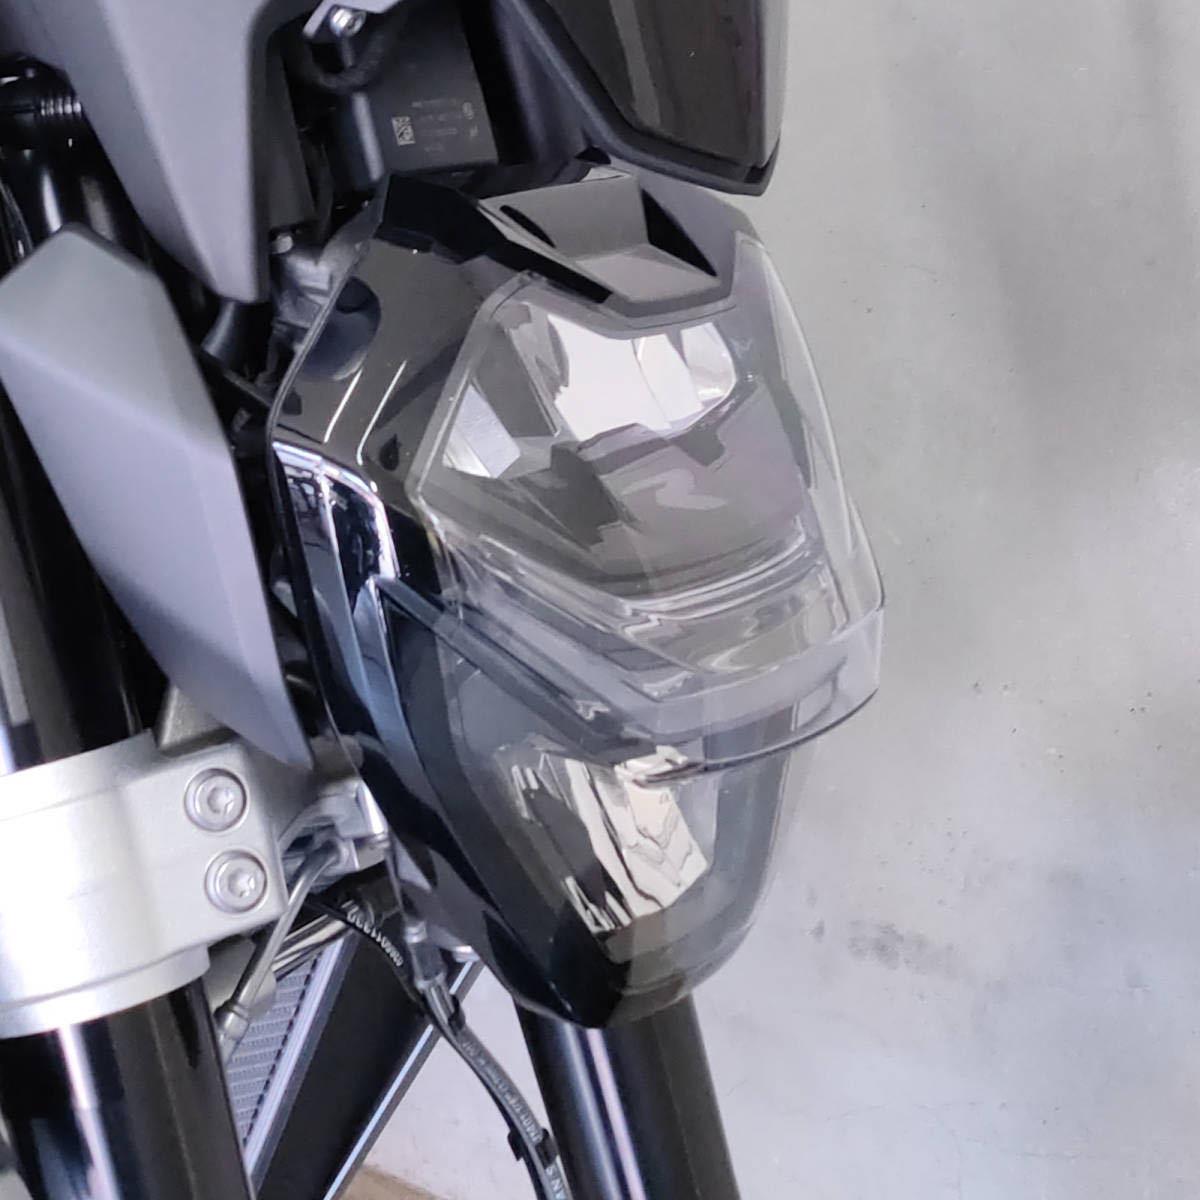 「【登録済み未使用車】大人気!BMW F900R 入荷★スタンダードモデル★メーカー保証2023年8月★アダプティブヘッドライト 他」の画像3